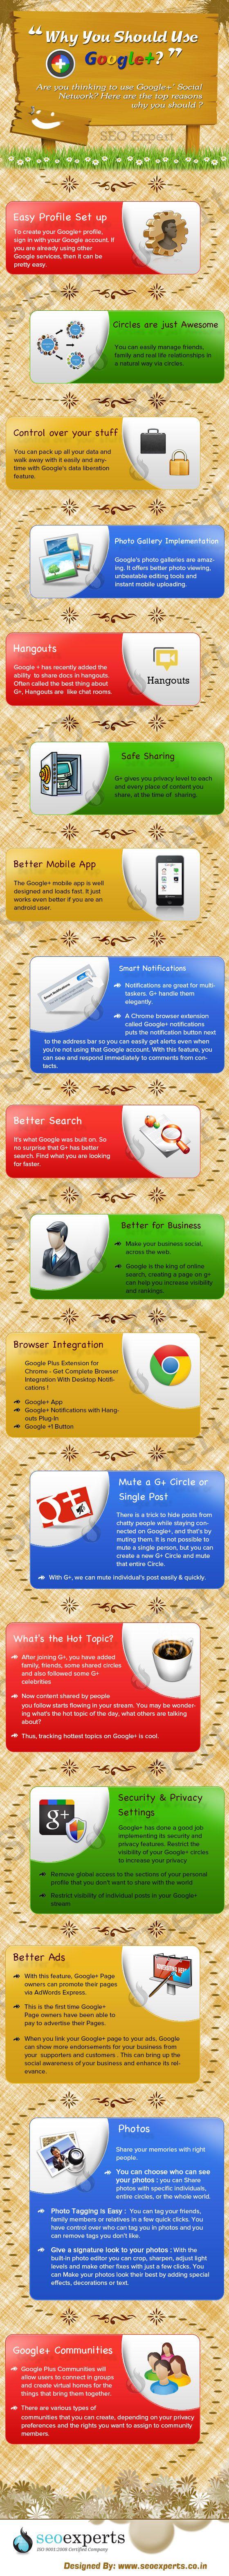 Why You Should Use #GooglePlus? #Infographic - ¿Porqué debes usar Google+? #Infografia